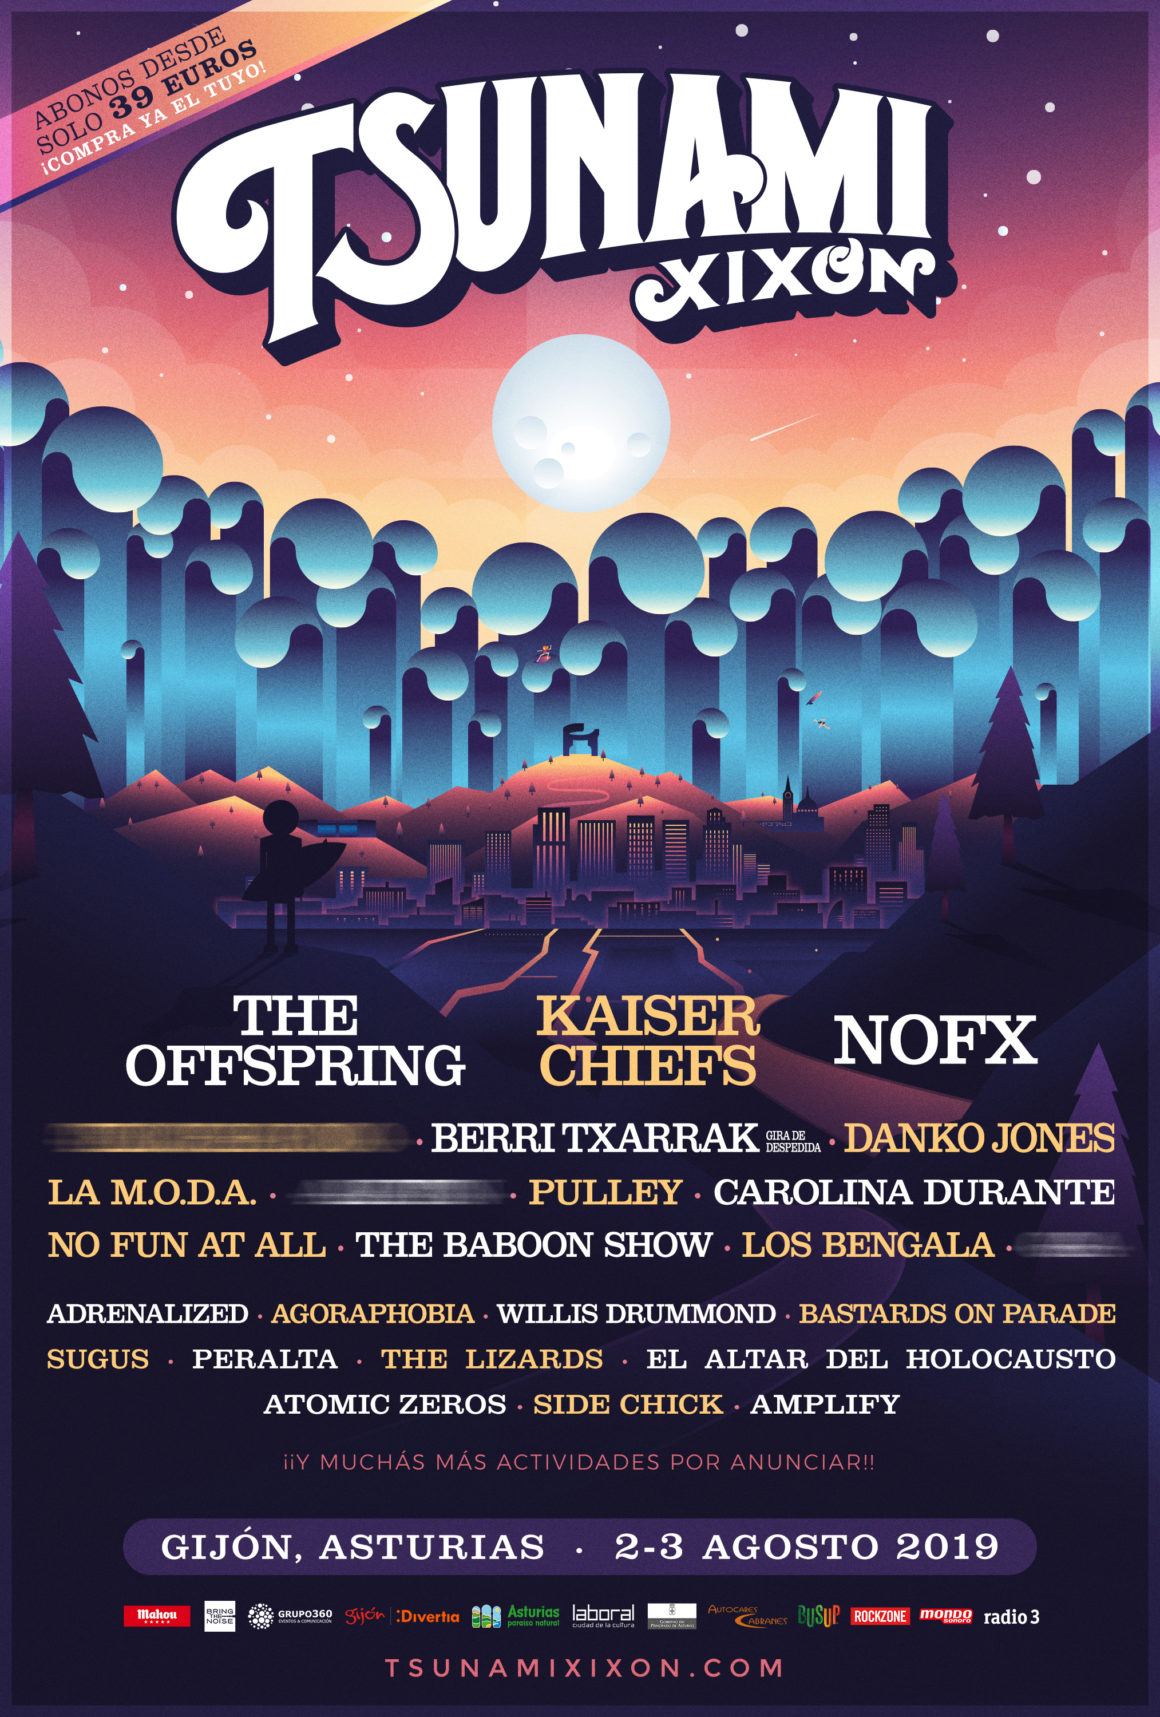 The Offspring, Kaiser Chiefs y Nofx encabezarán el Tsunami Xixón 2019